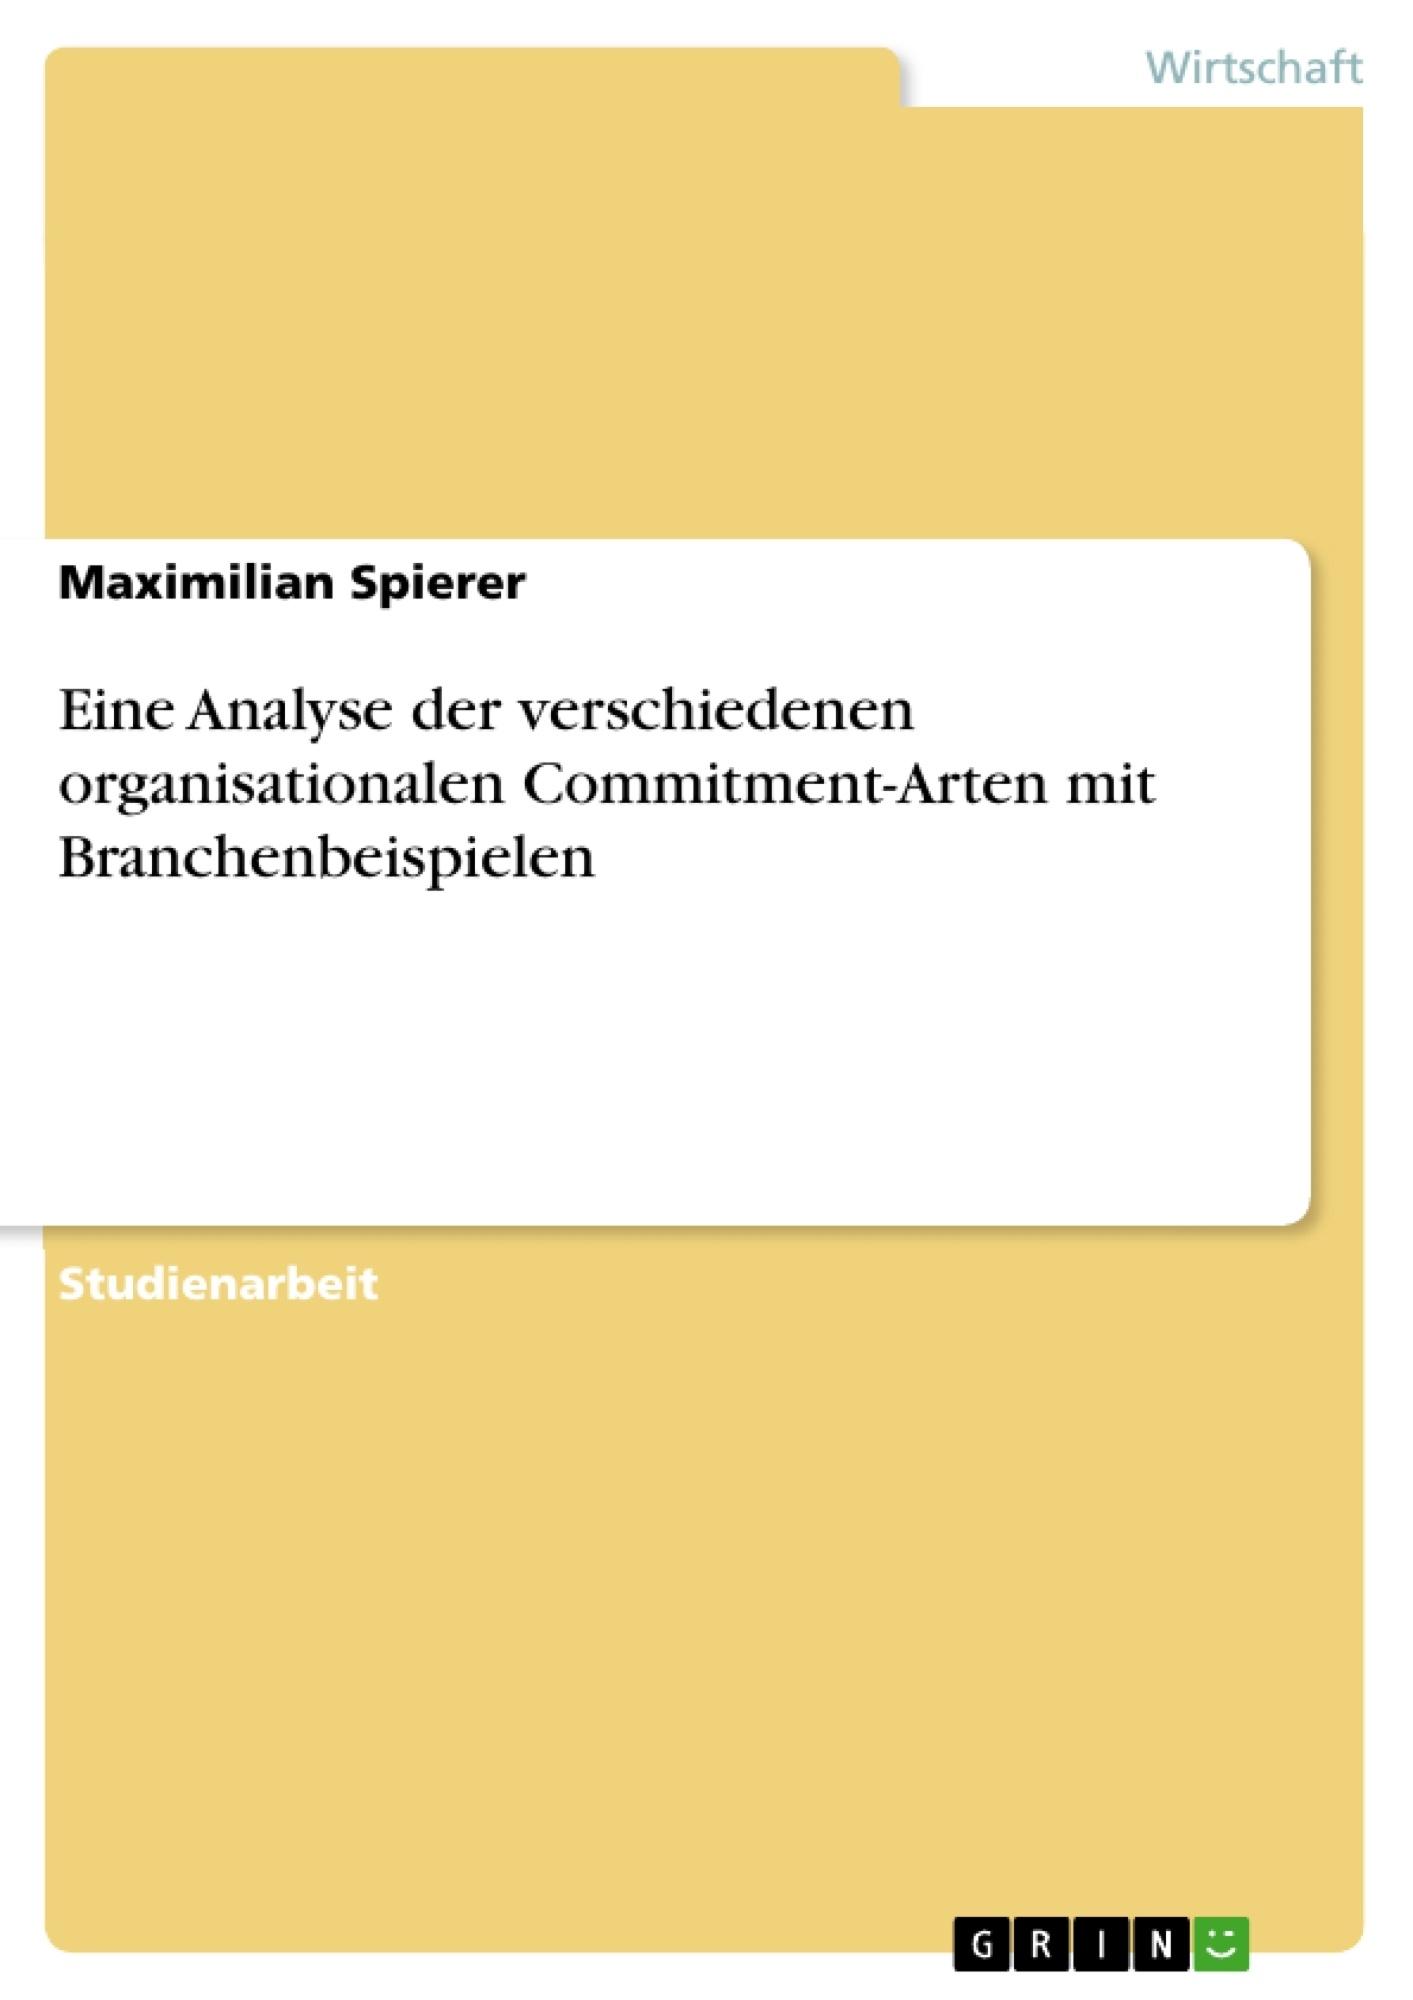 Titel: Eine Analyse der verschiedenen organisationalen Commitment-Arten mit Branchenbeispielen